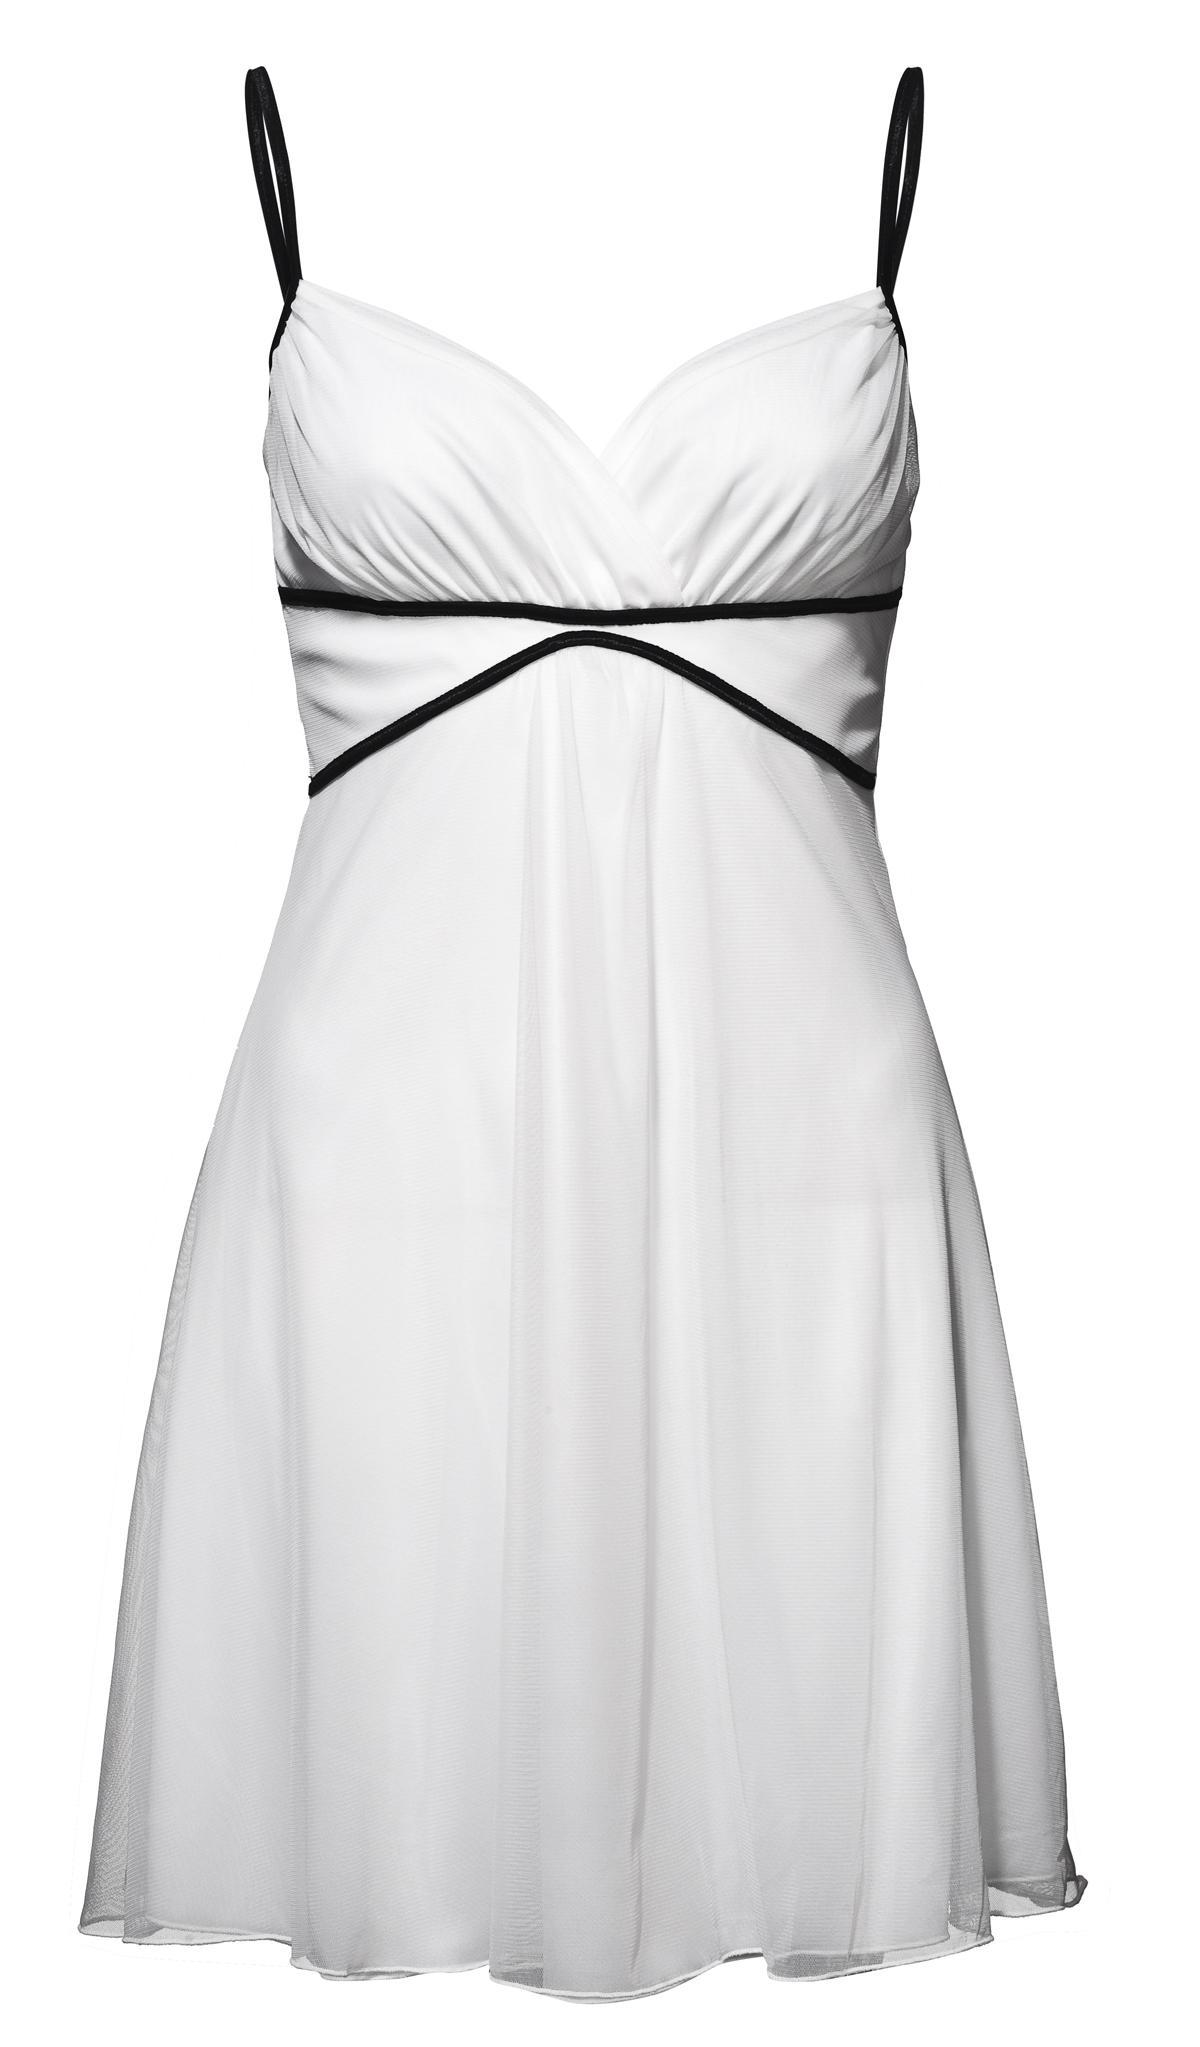 Sukienki od New Yorker wiosna/lato 2010 - Zdjęcie 3